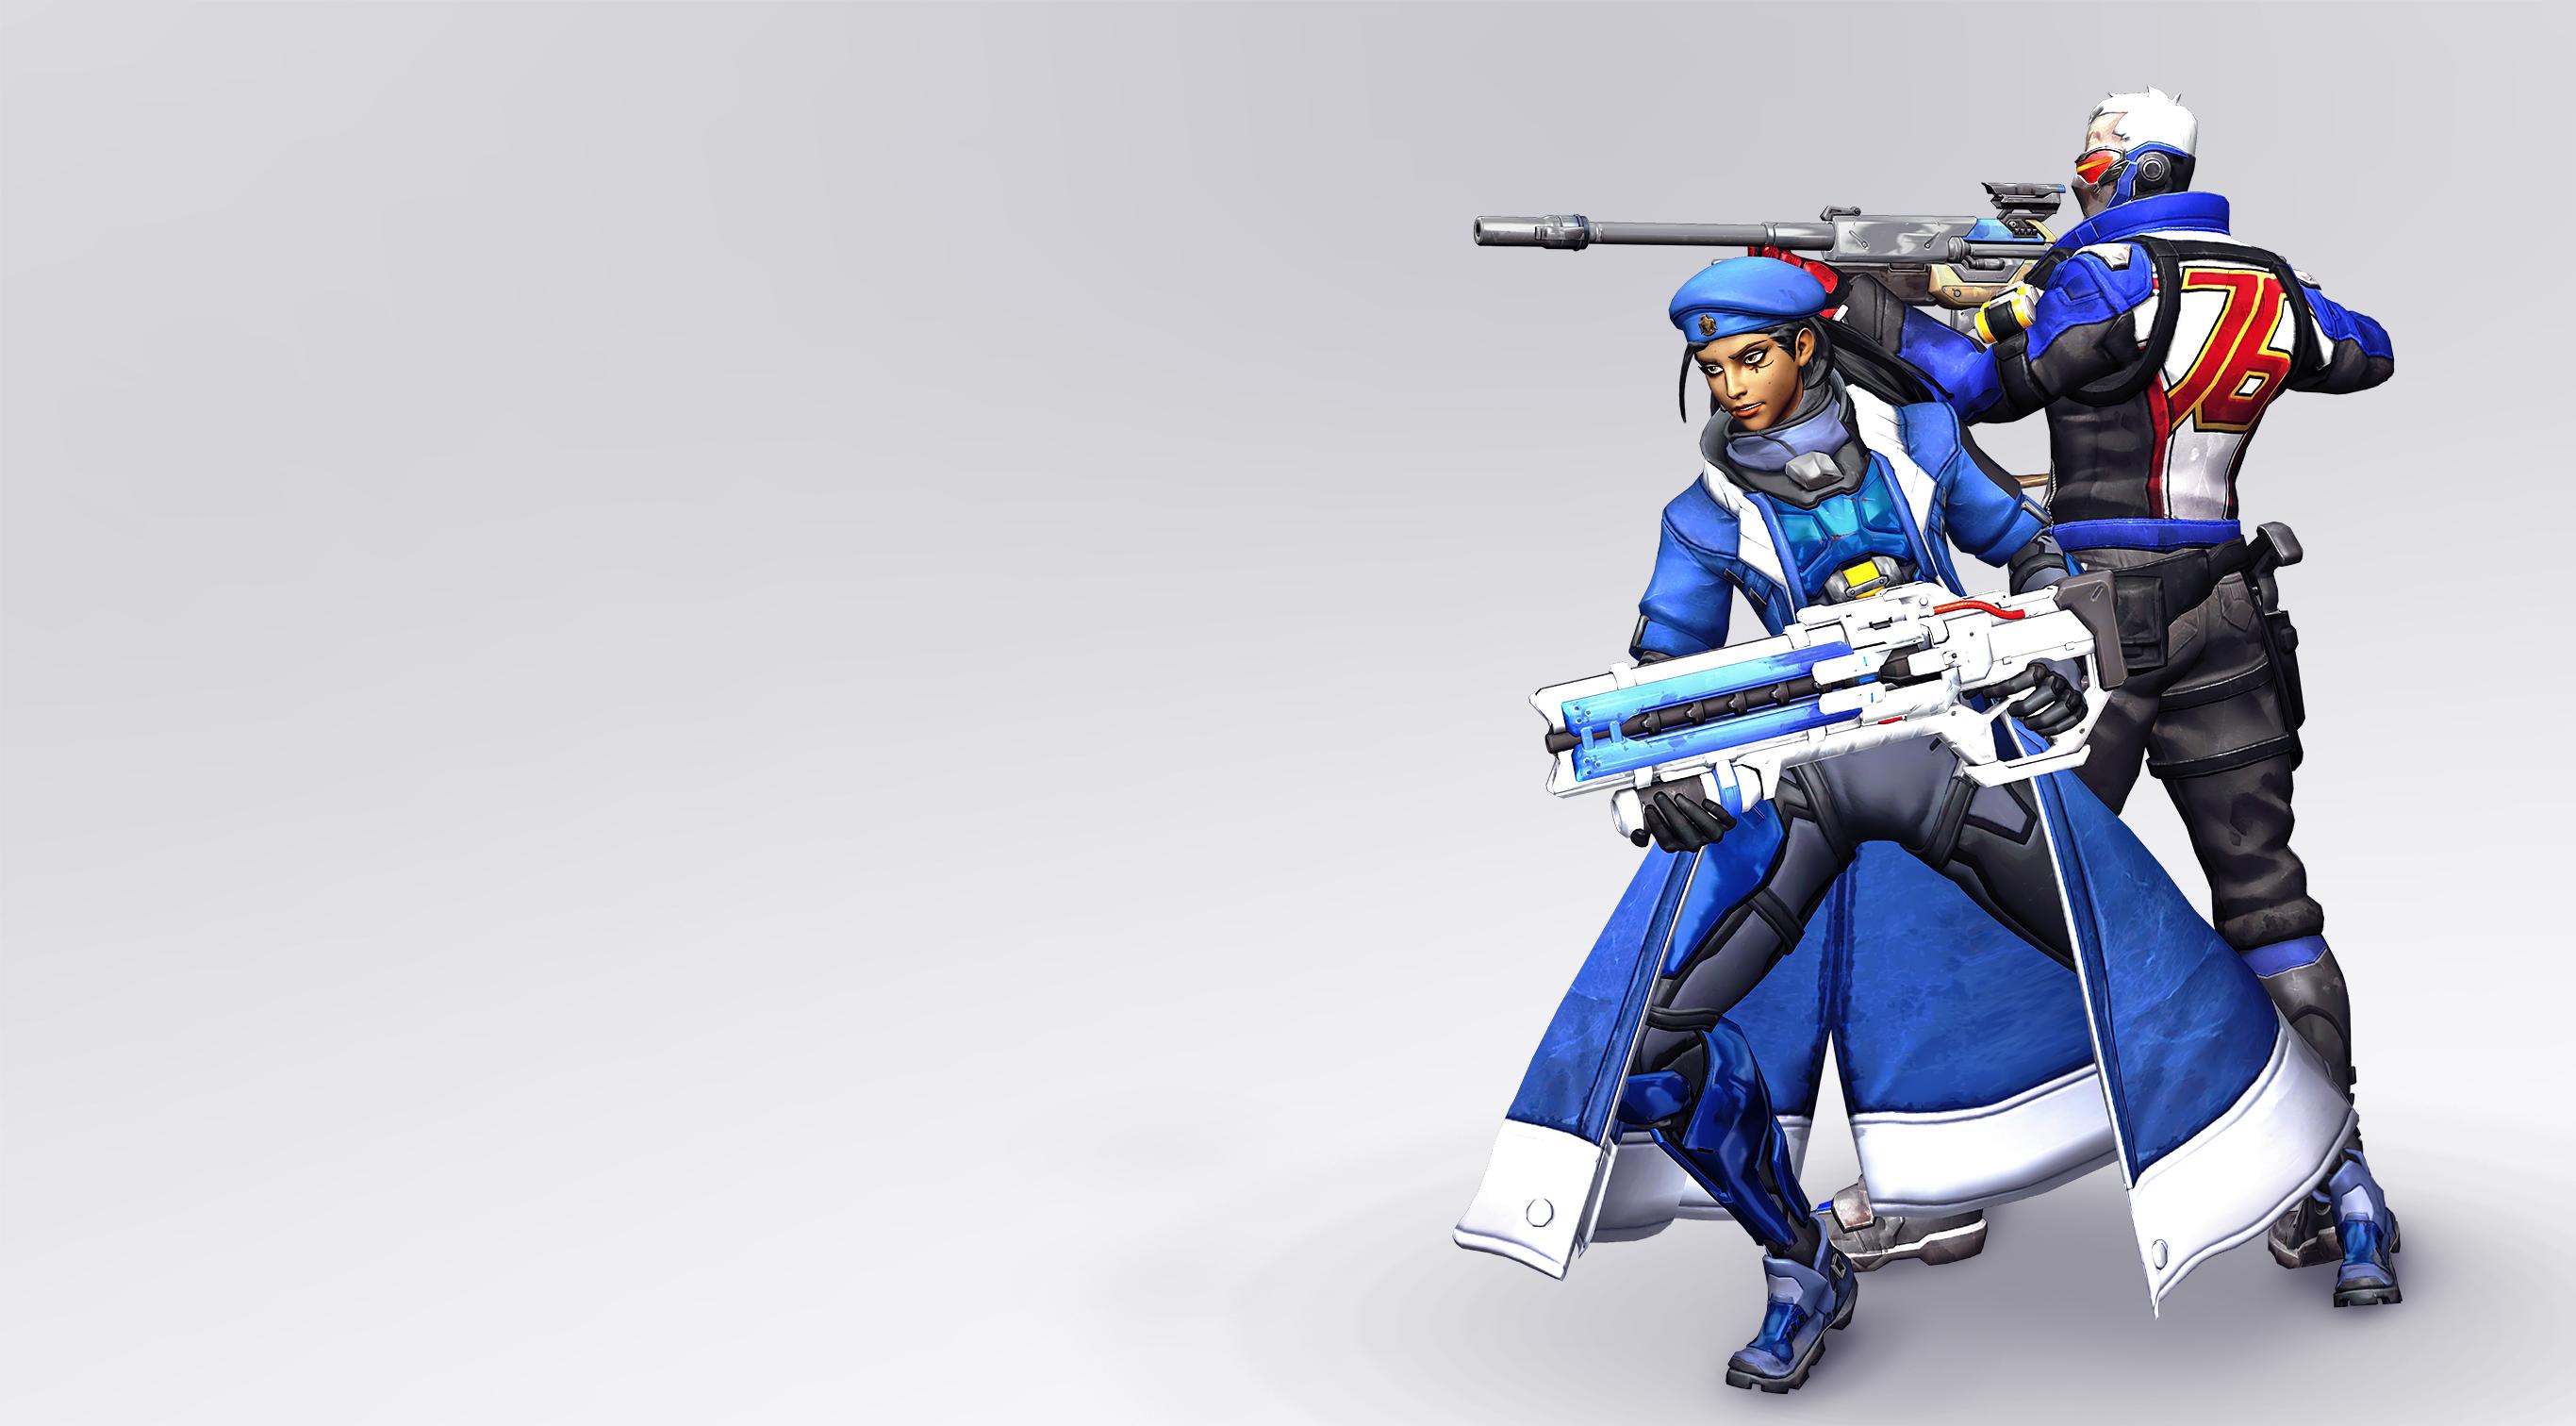 Ana X Soldier 76 Overwatch Wallpaper By Shylock7 On Deviantart